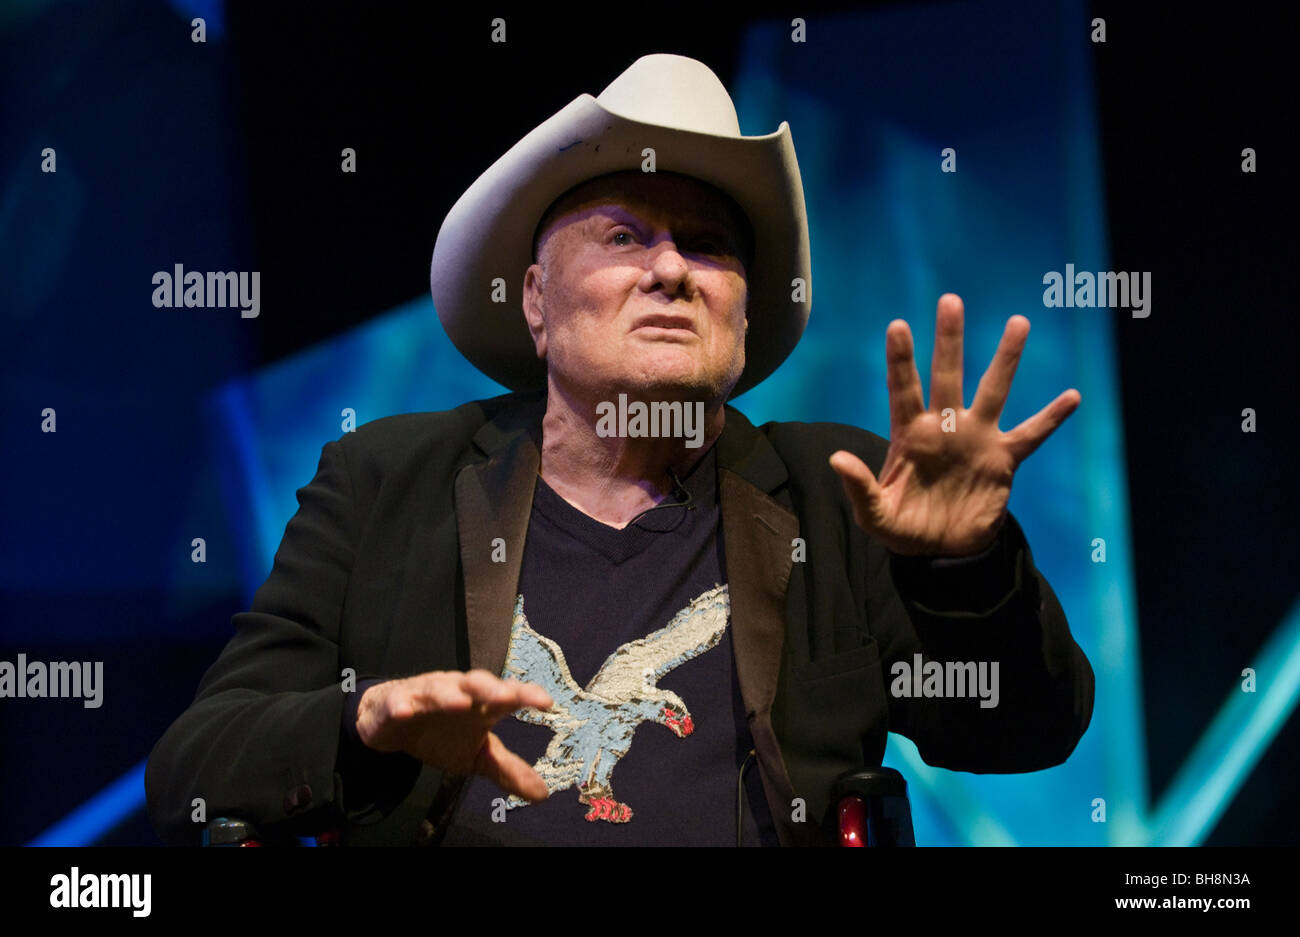 American Movie star attore Tony Curtis foto di parlare della sua vita sul palco a Hay Festival 2009. Foto Stock